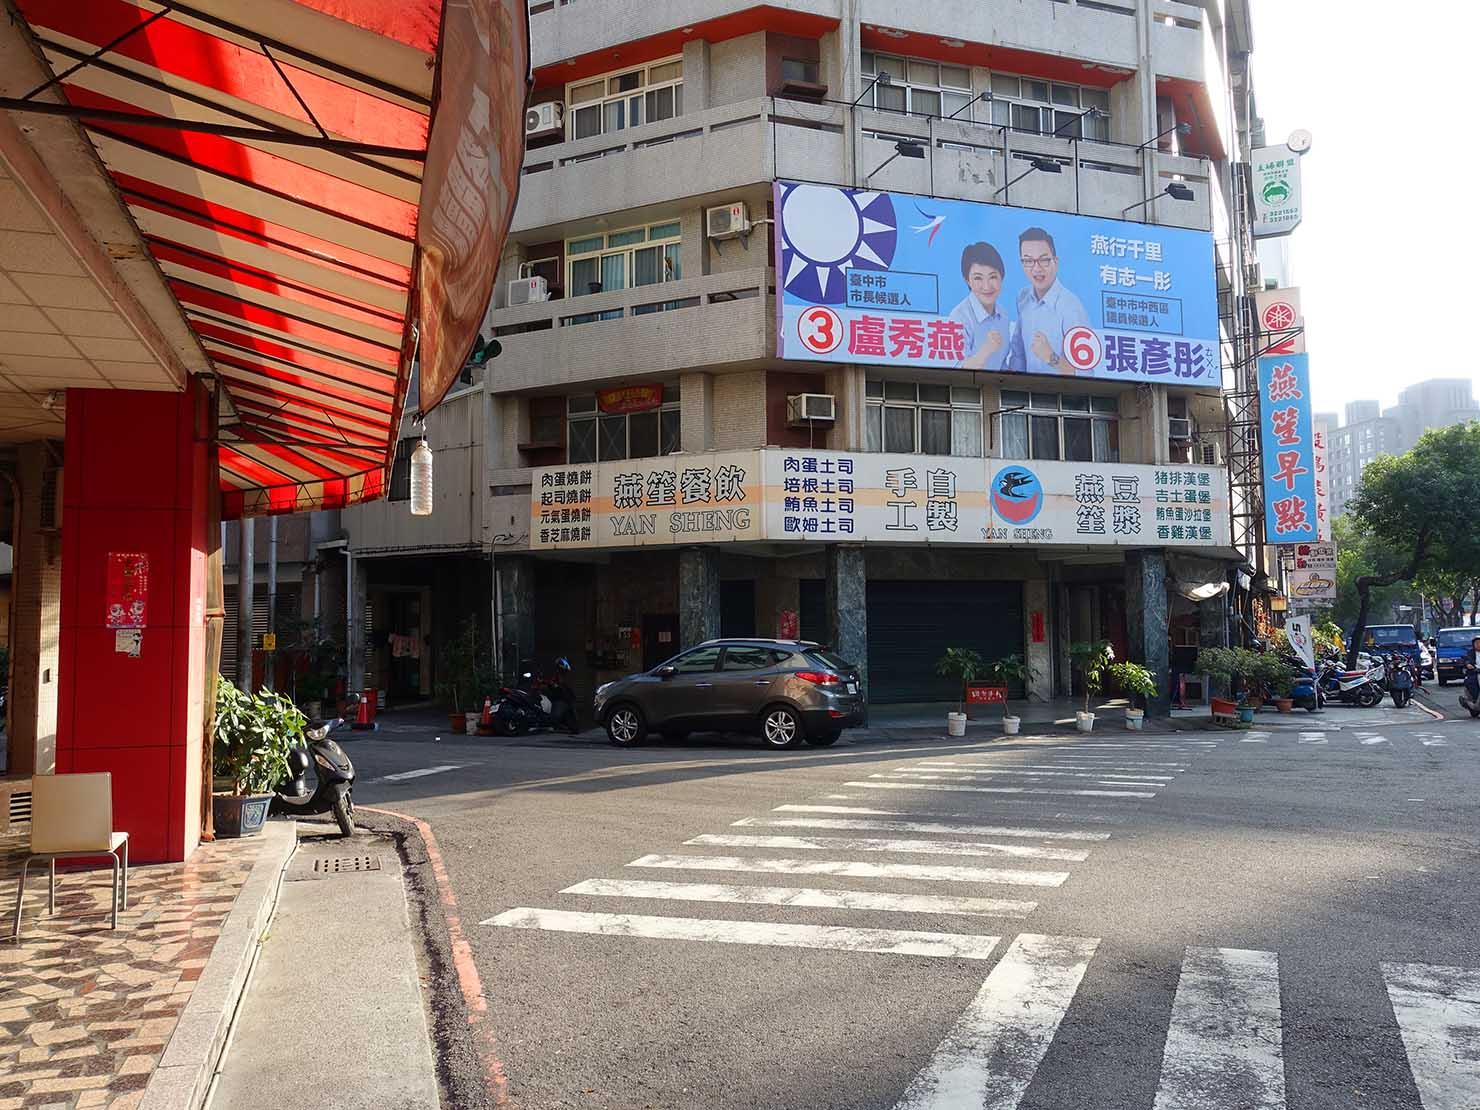 台中・忠明南路長春街口